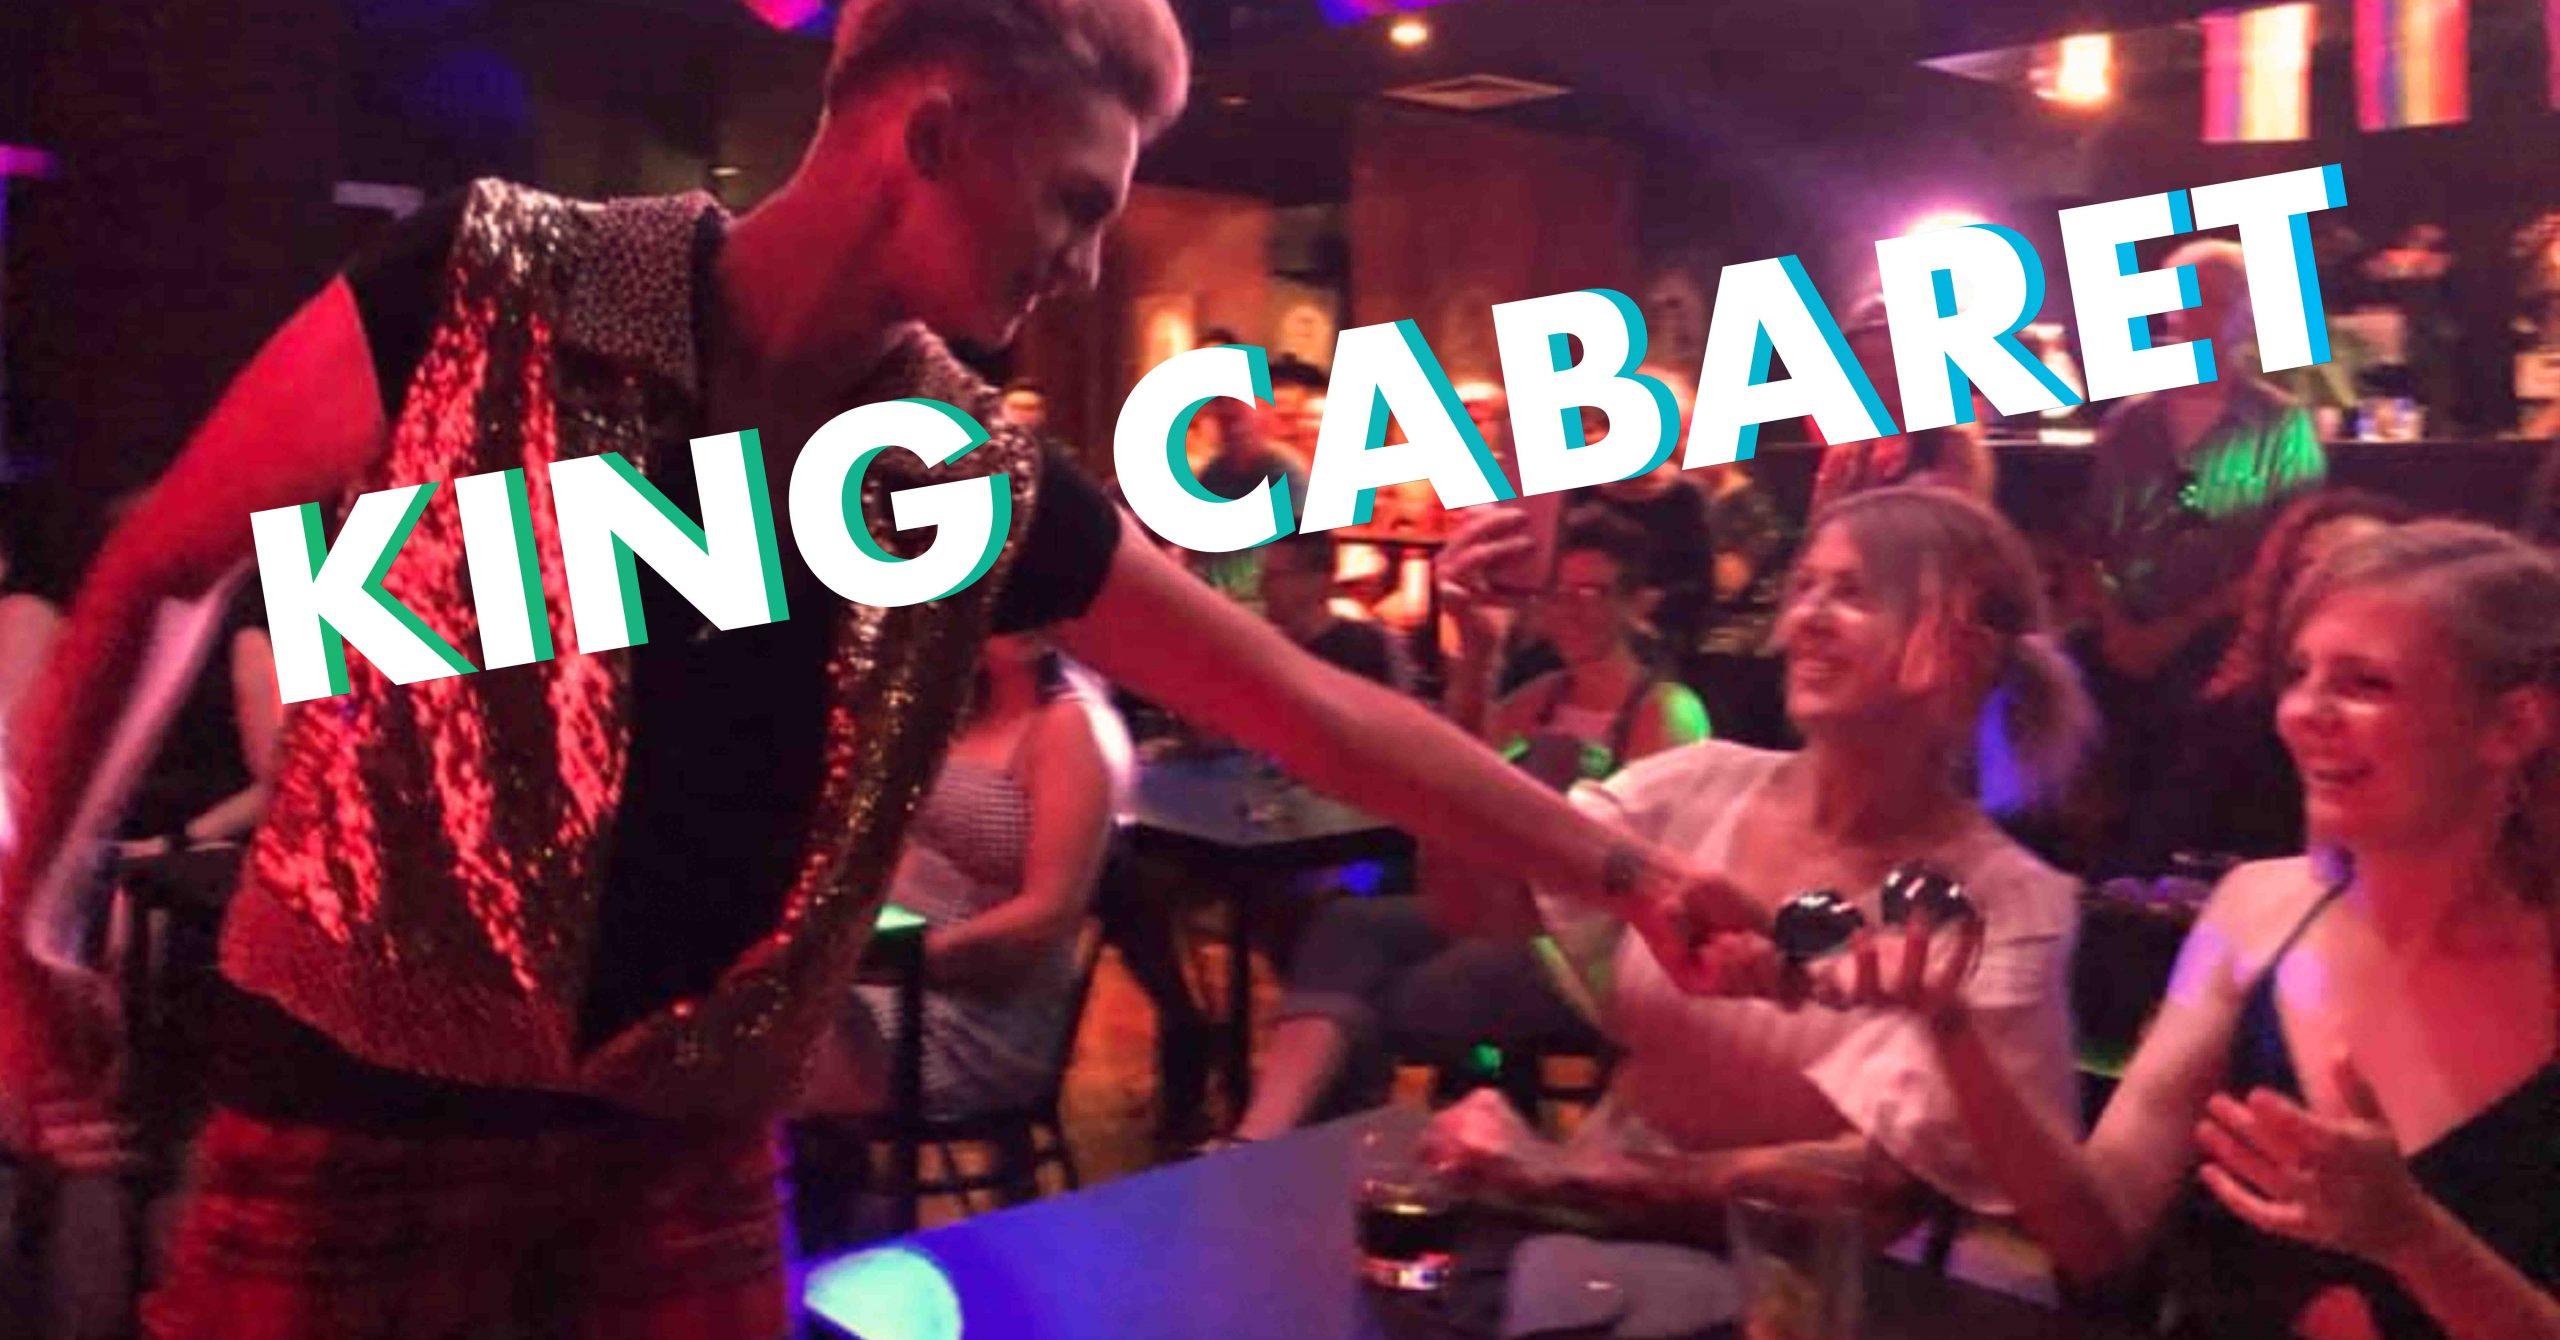 KING CABARET Website Banner